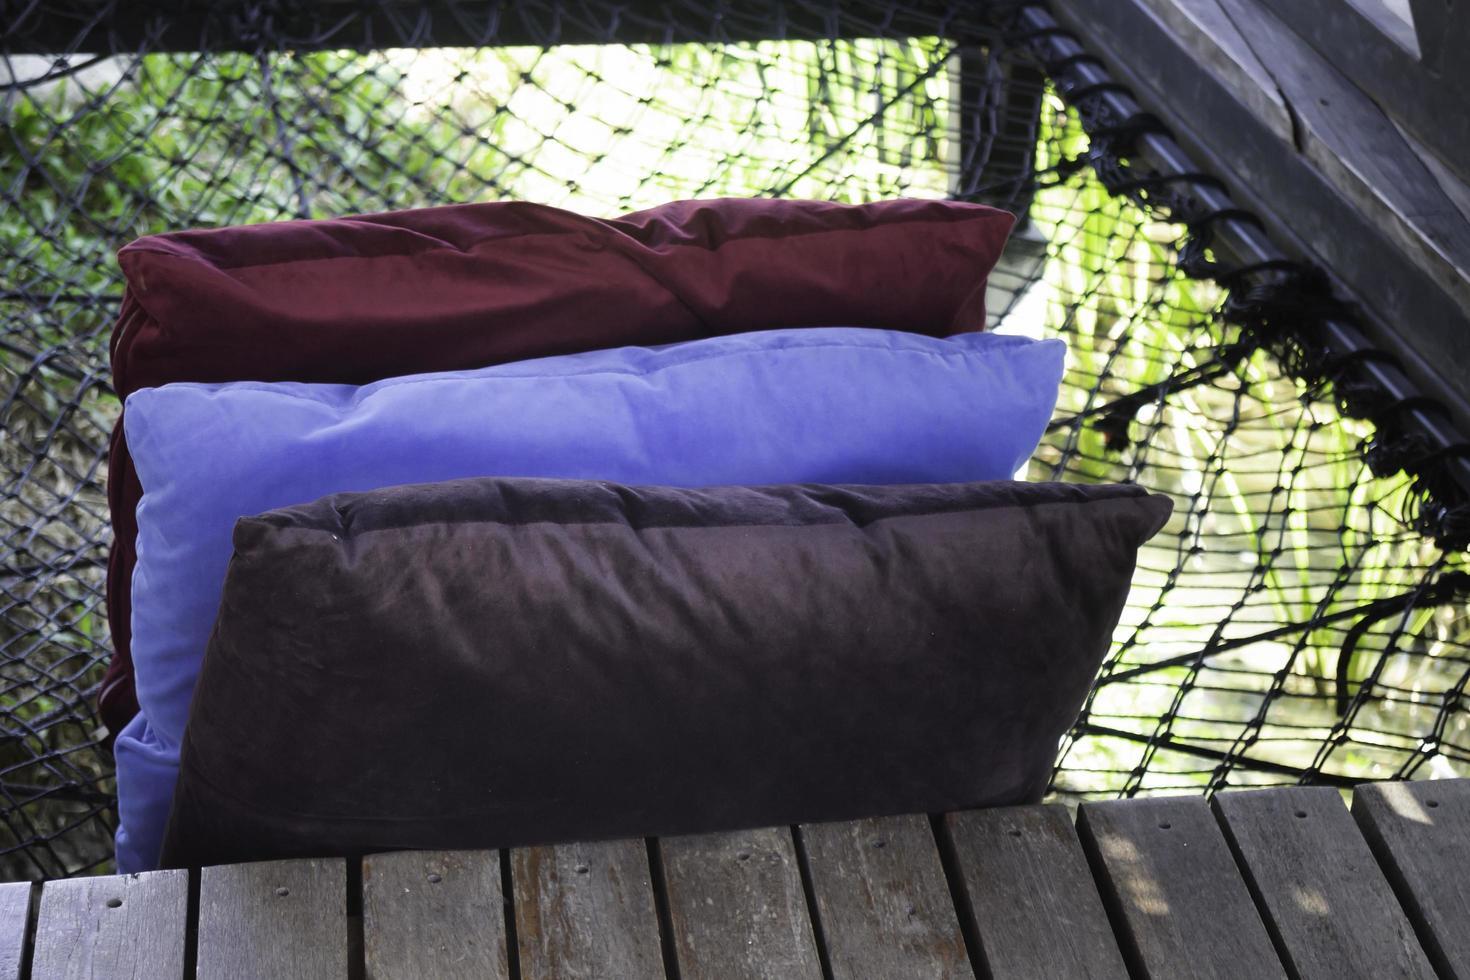 oreillers colorés sur un hamac photo